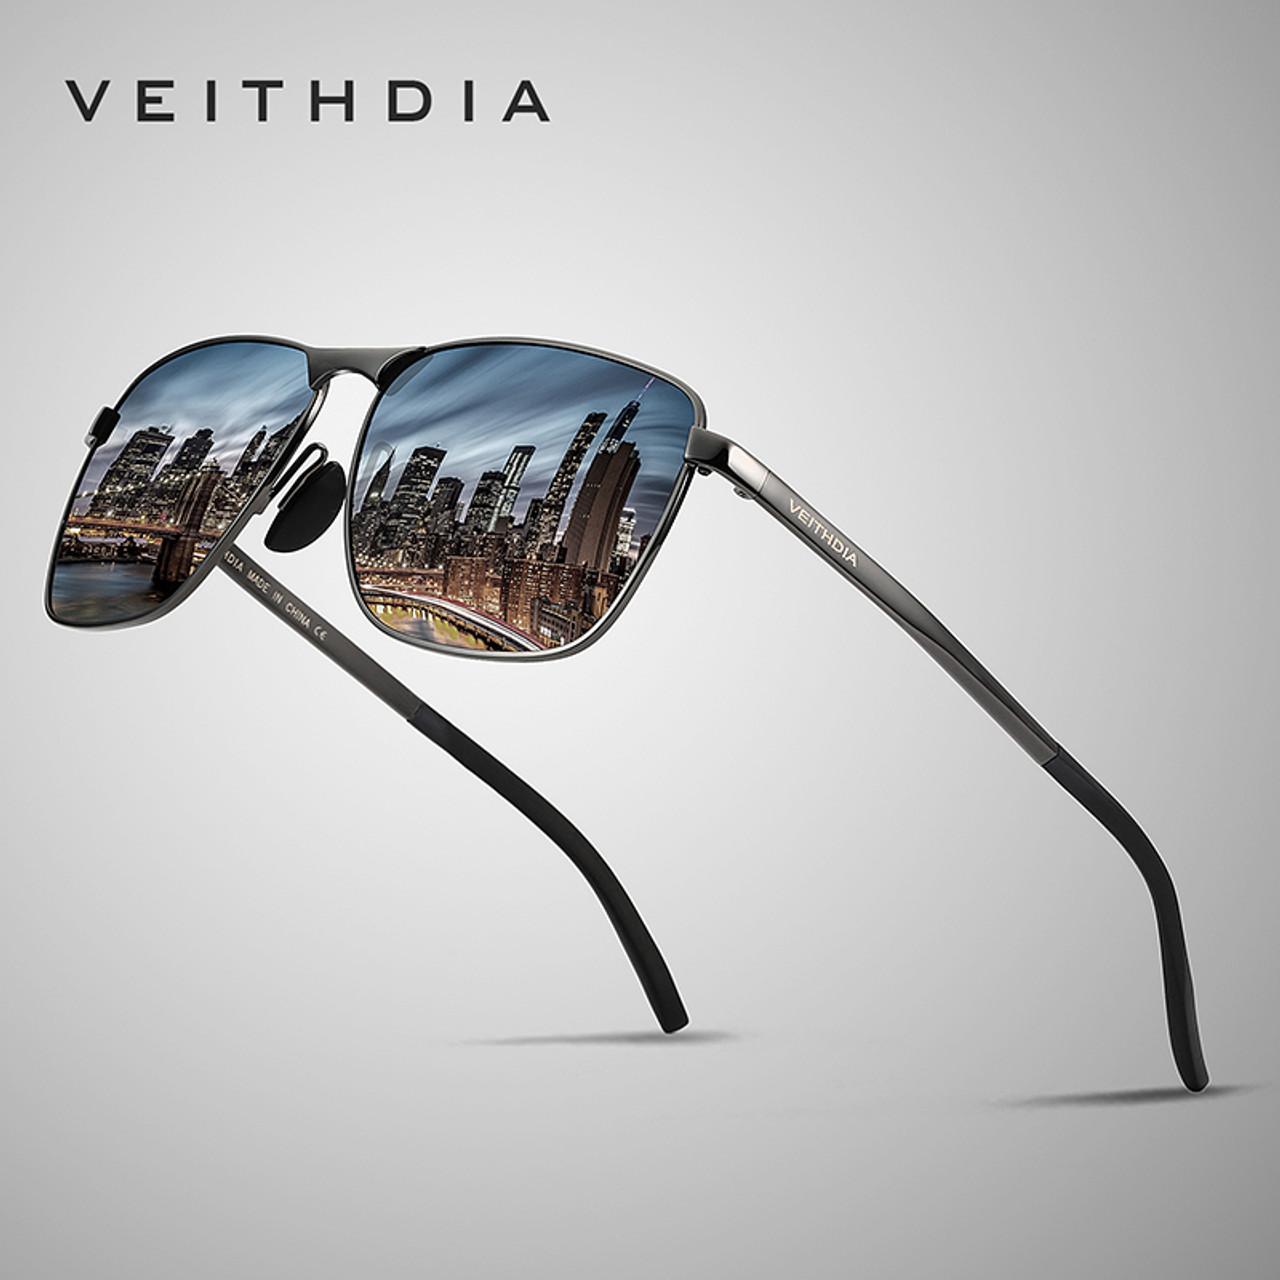 1c17ace627 VEITHDIA Brand Men s Vintage Sunglasses Polarized UV400 Lens Eyewear  Accessories Male Sun Glasses For Men  ...